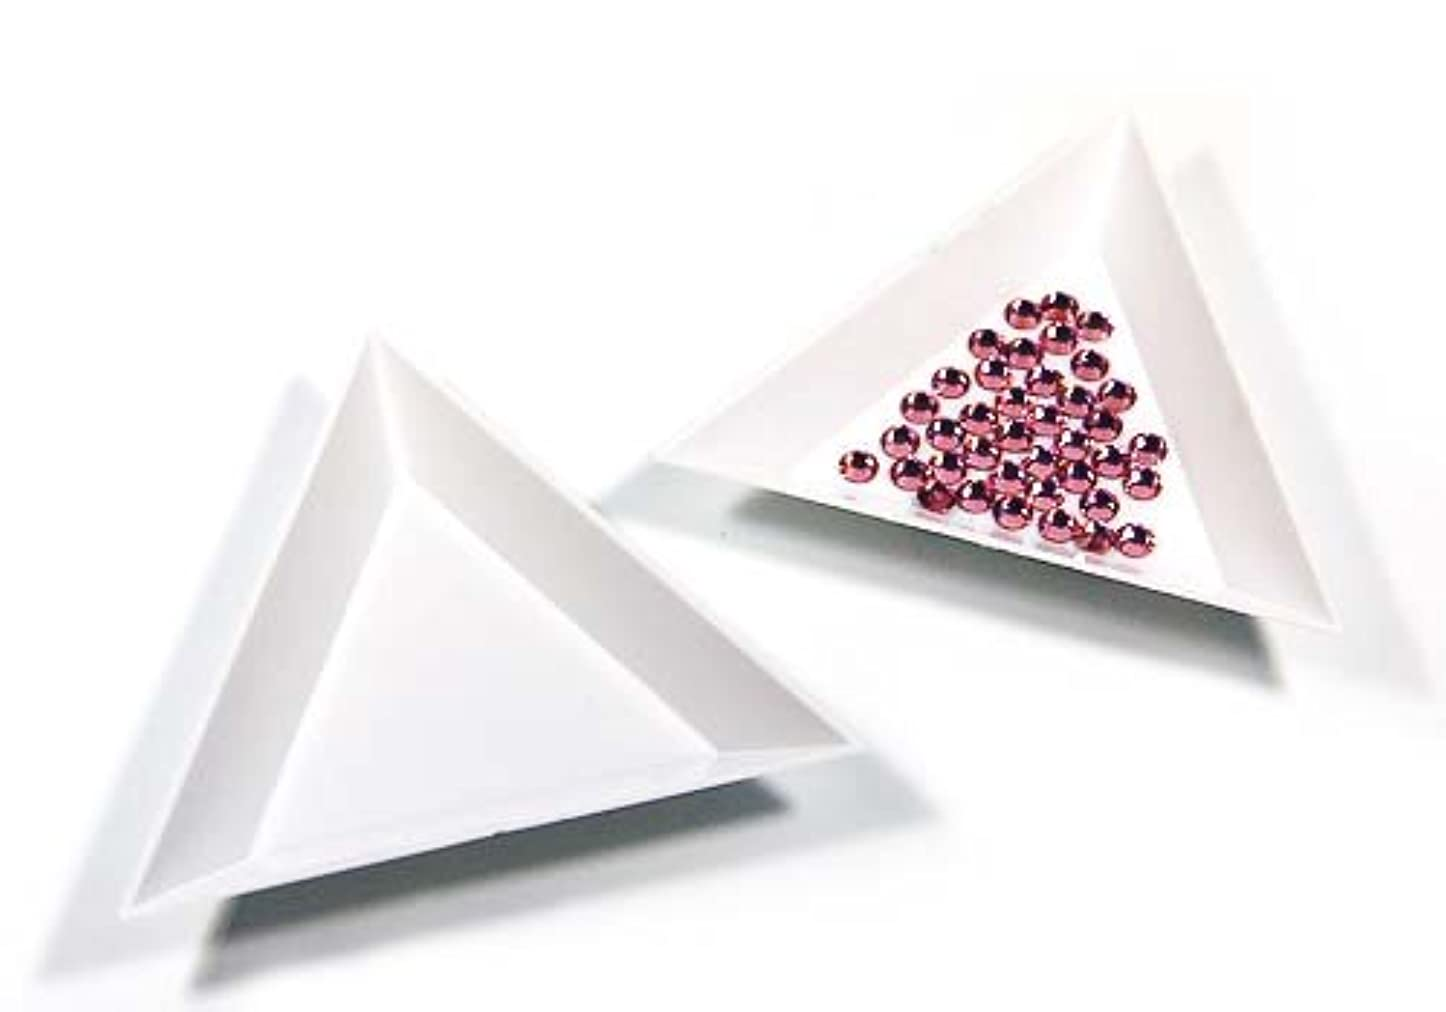 ゼリー触覚プライバシー【ラインストーン77】三角ビーズトレイ 3個セット デコ用品